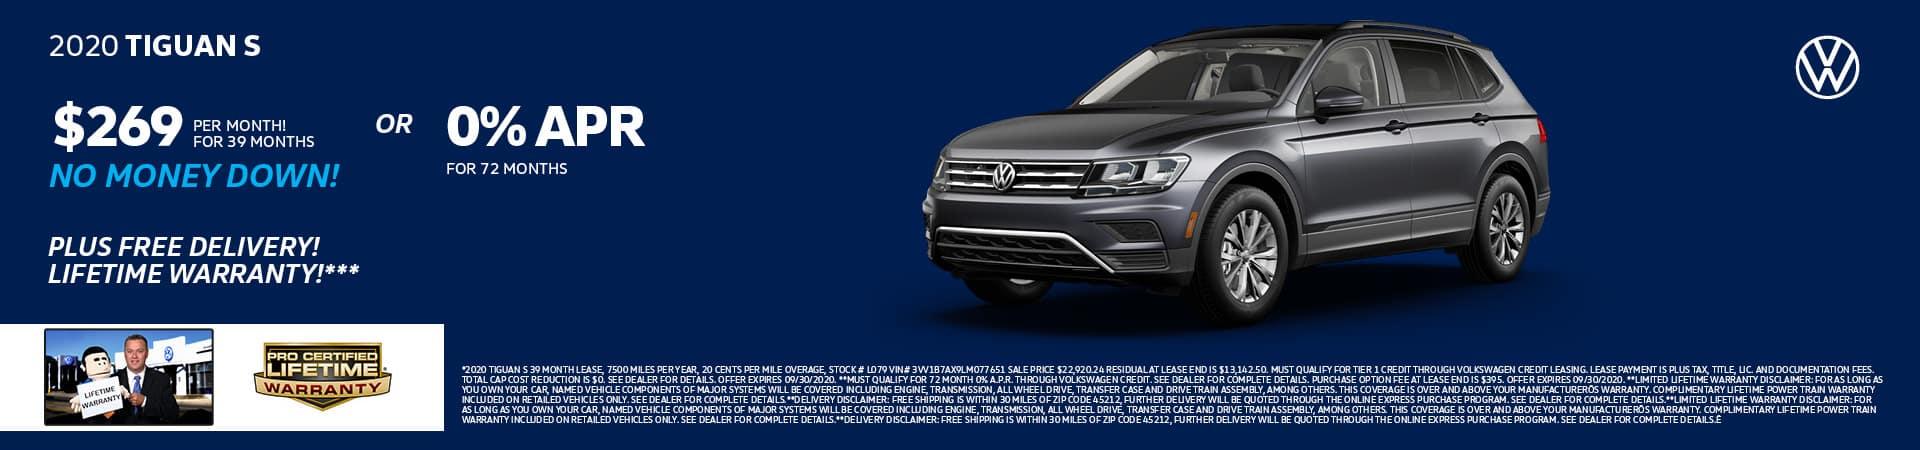 New 2020 Volkswagen Tiguan   Cincinnati, OH